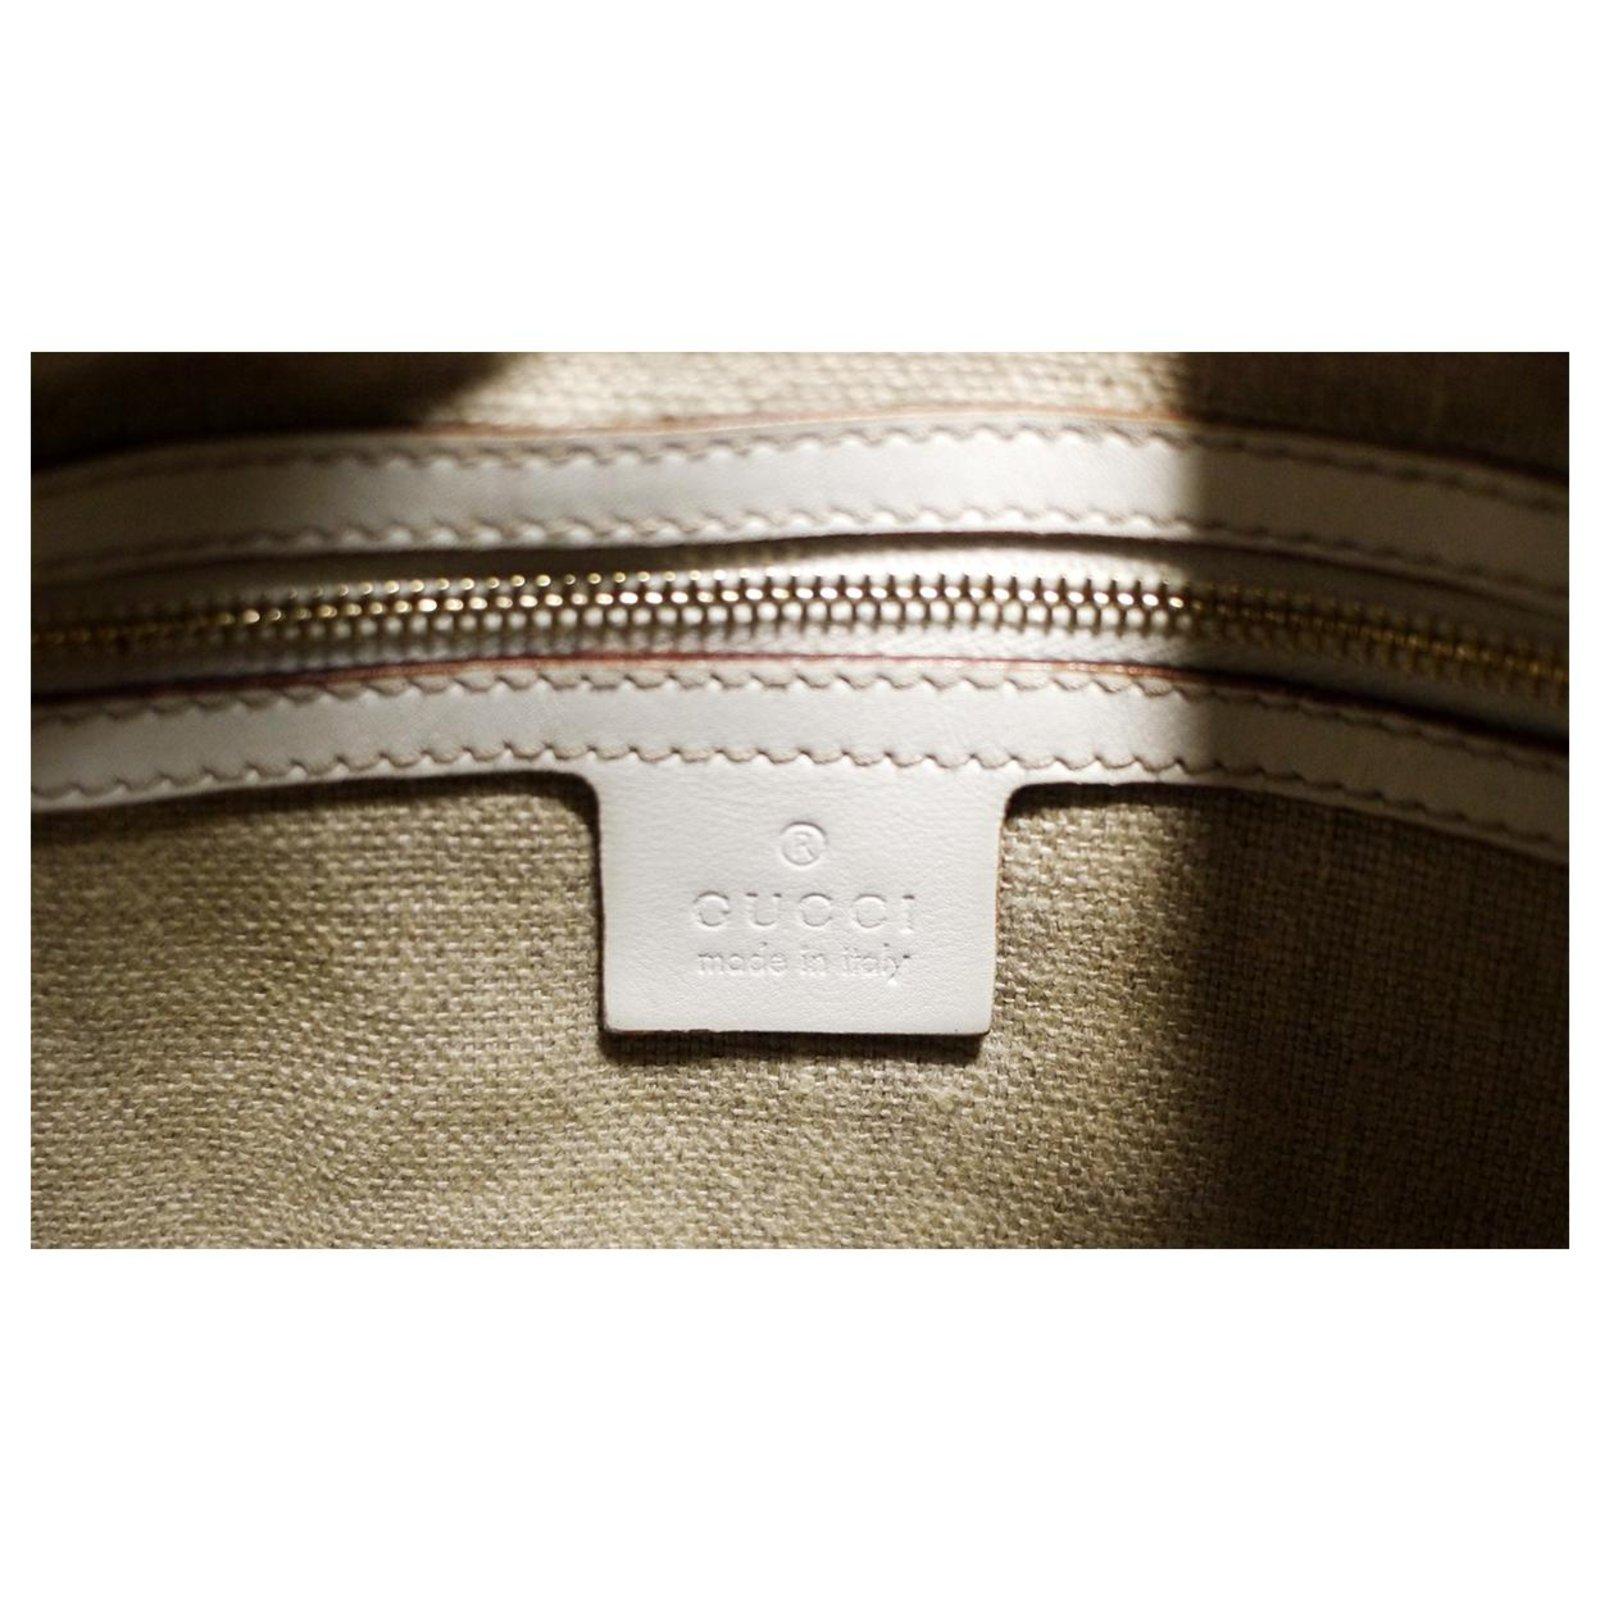 040dd69e0fea Gucci Jakie Handbags Leather White ref.123654 - Joli Closet